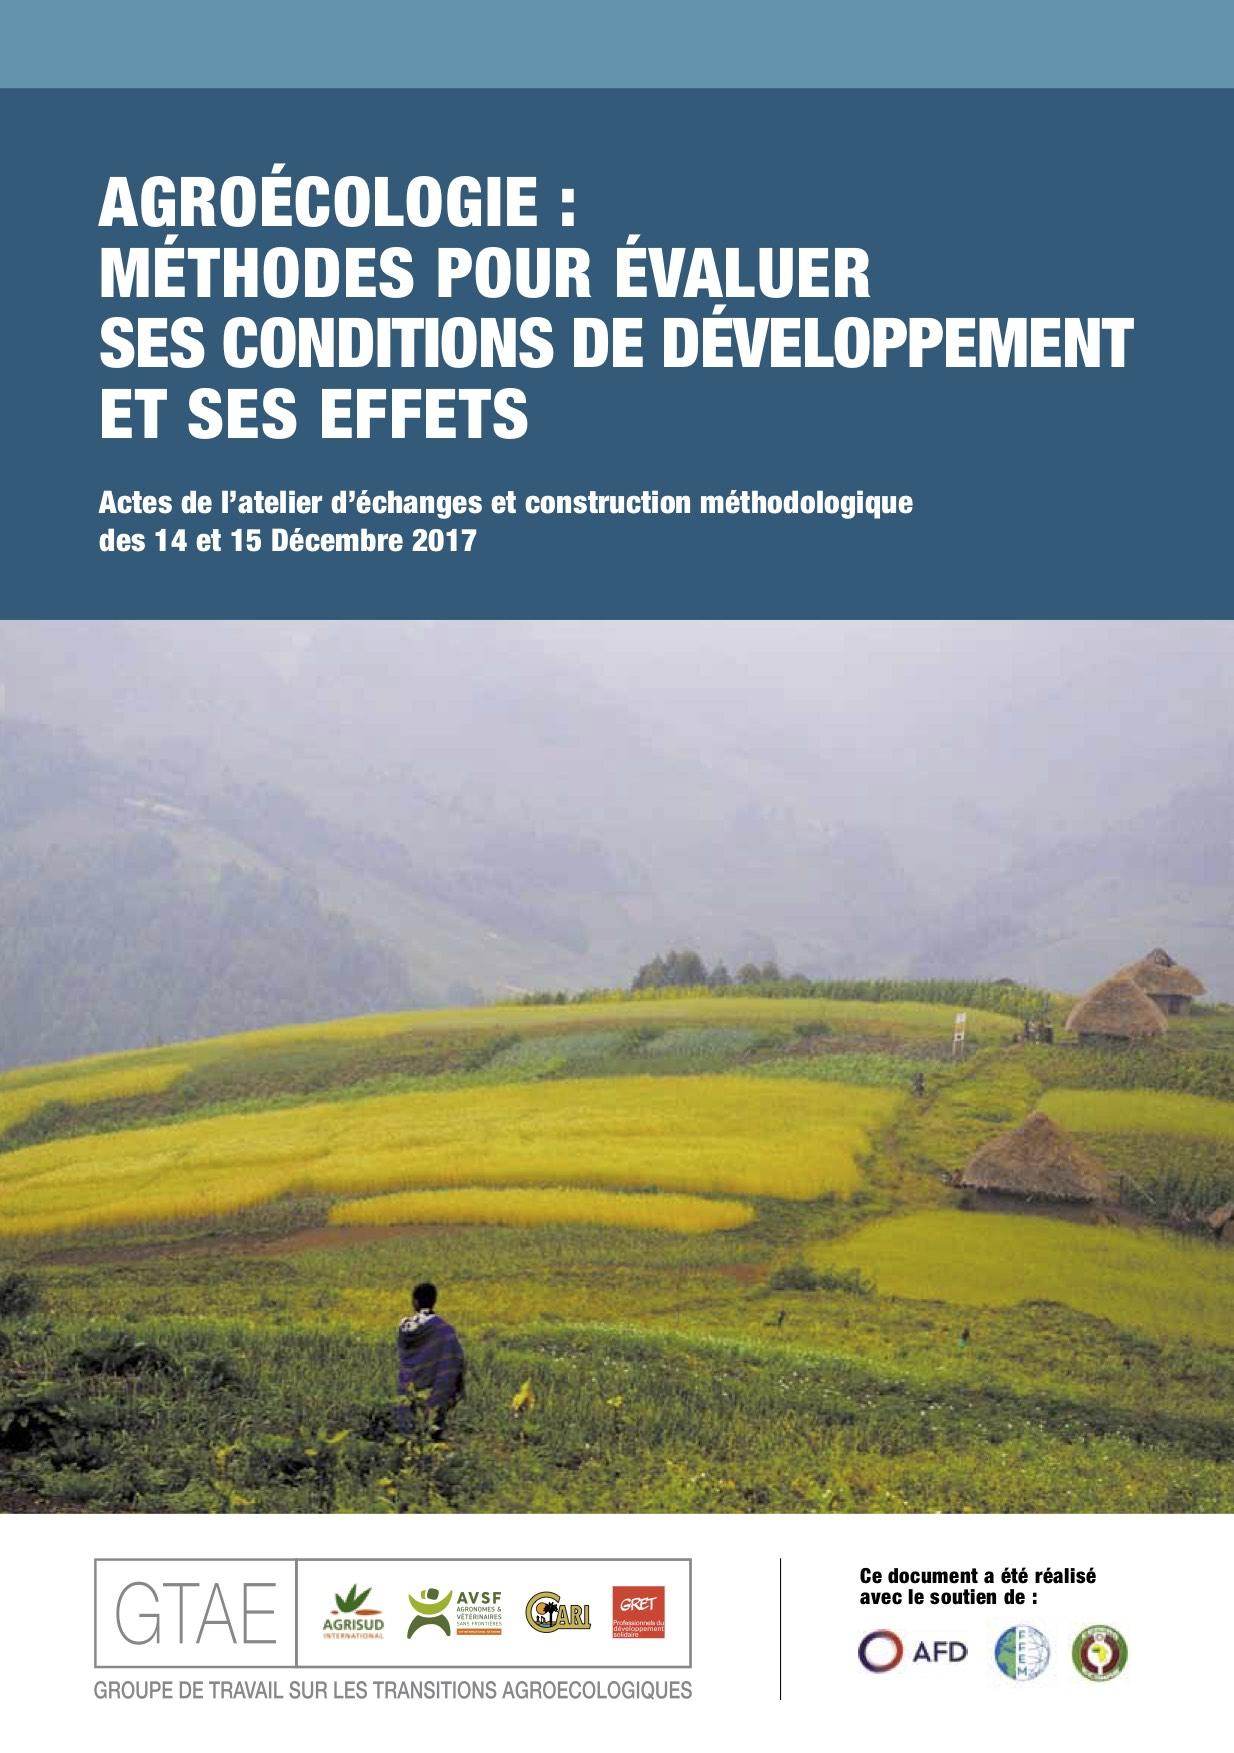 Agroécologie : méthodes pour évaluer ses conditions de développement et ses effets Image principale